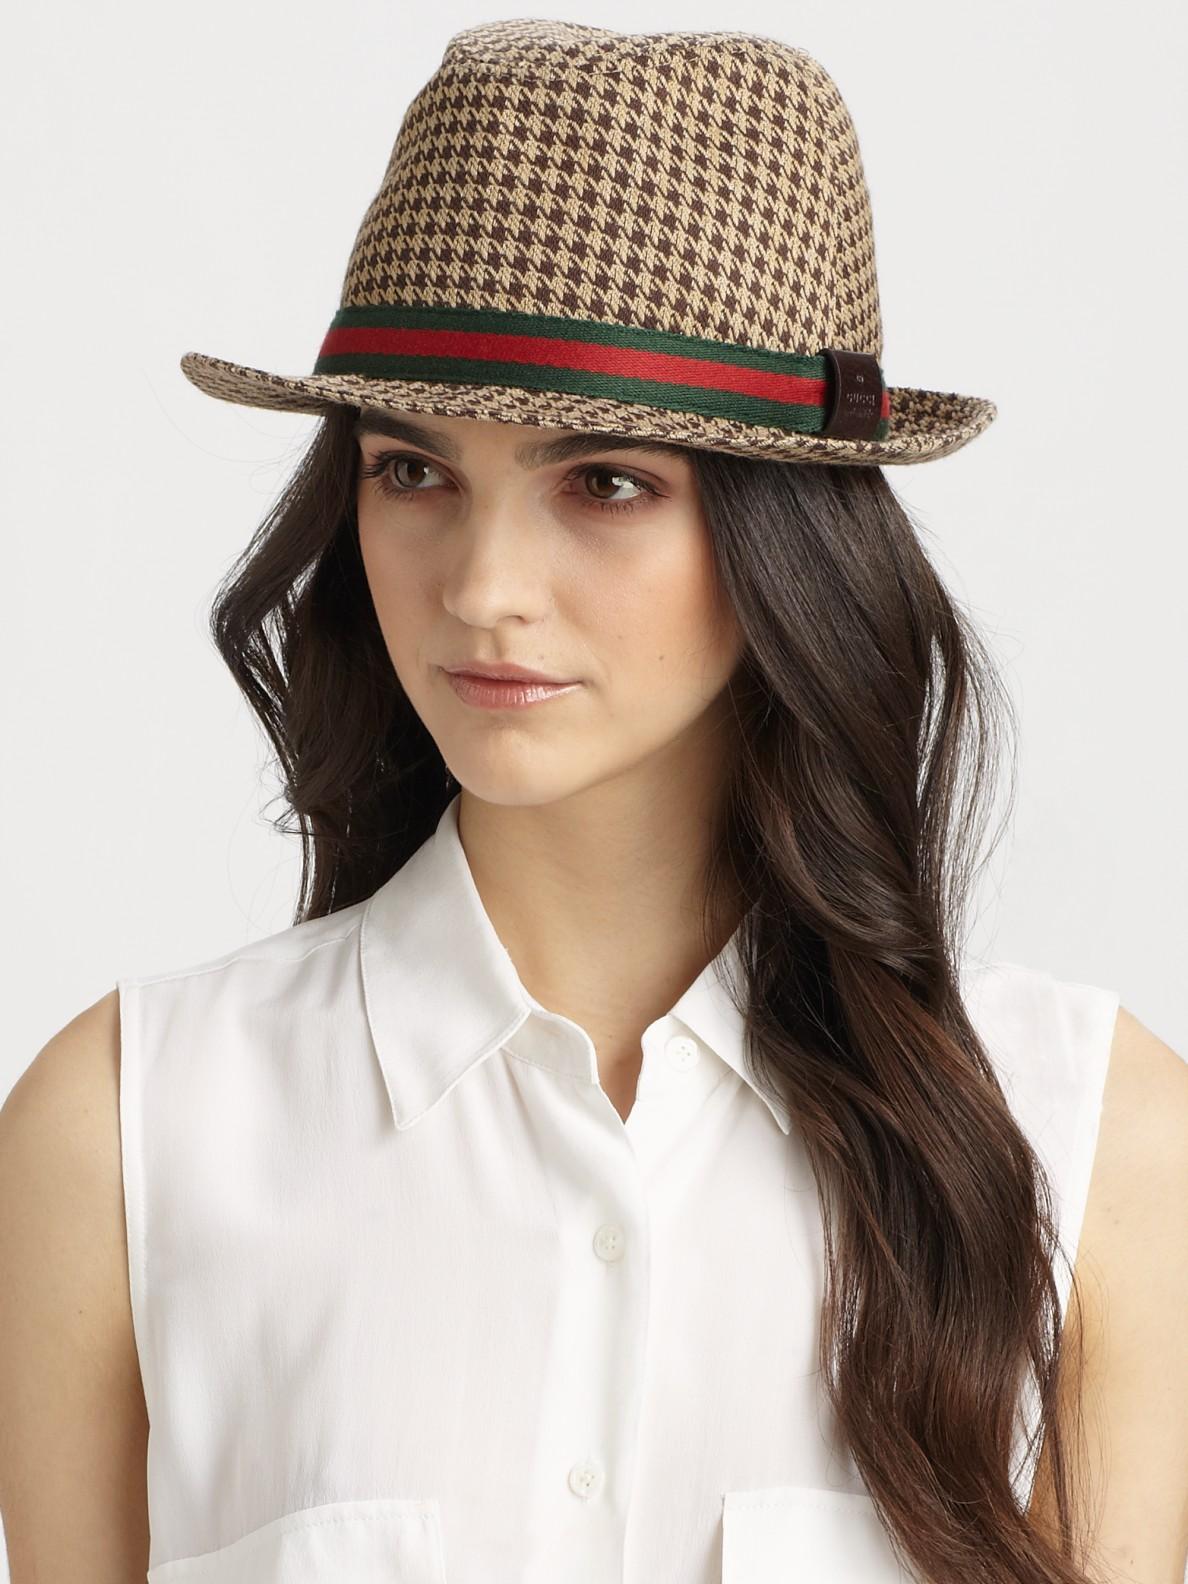 Gucci Womens Hat - Hat HD Image Ukjugs.Org e22d1c41790